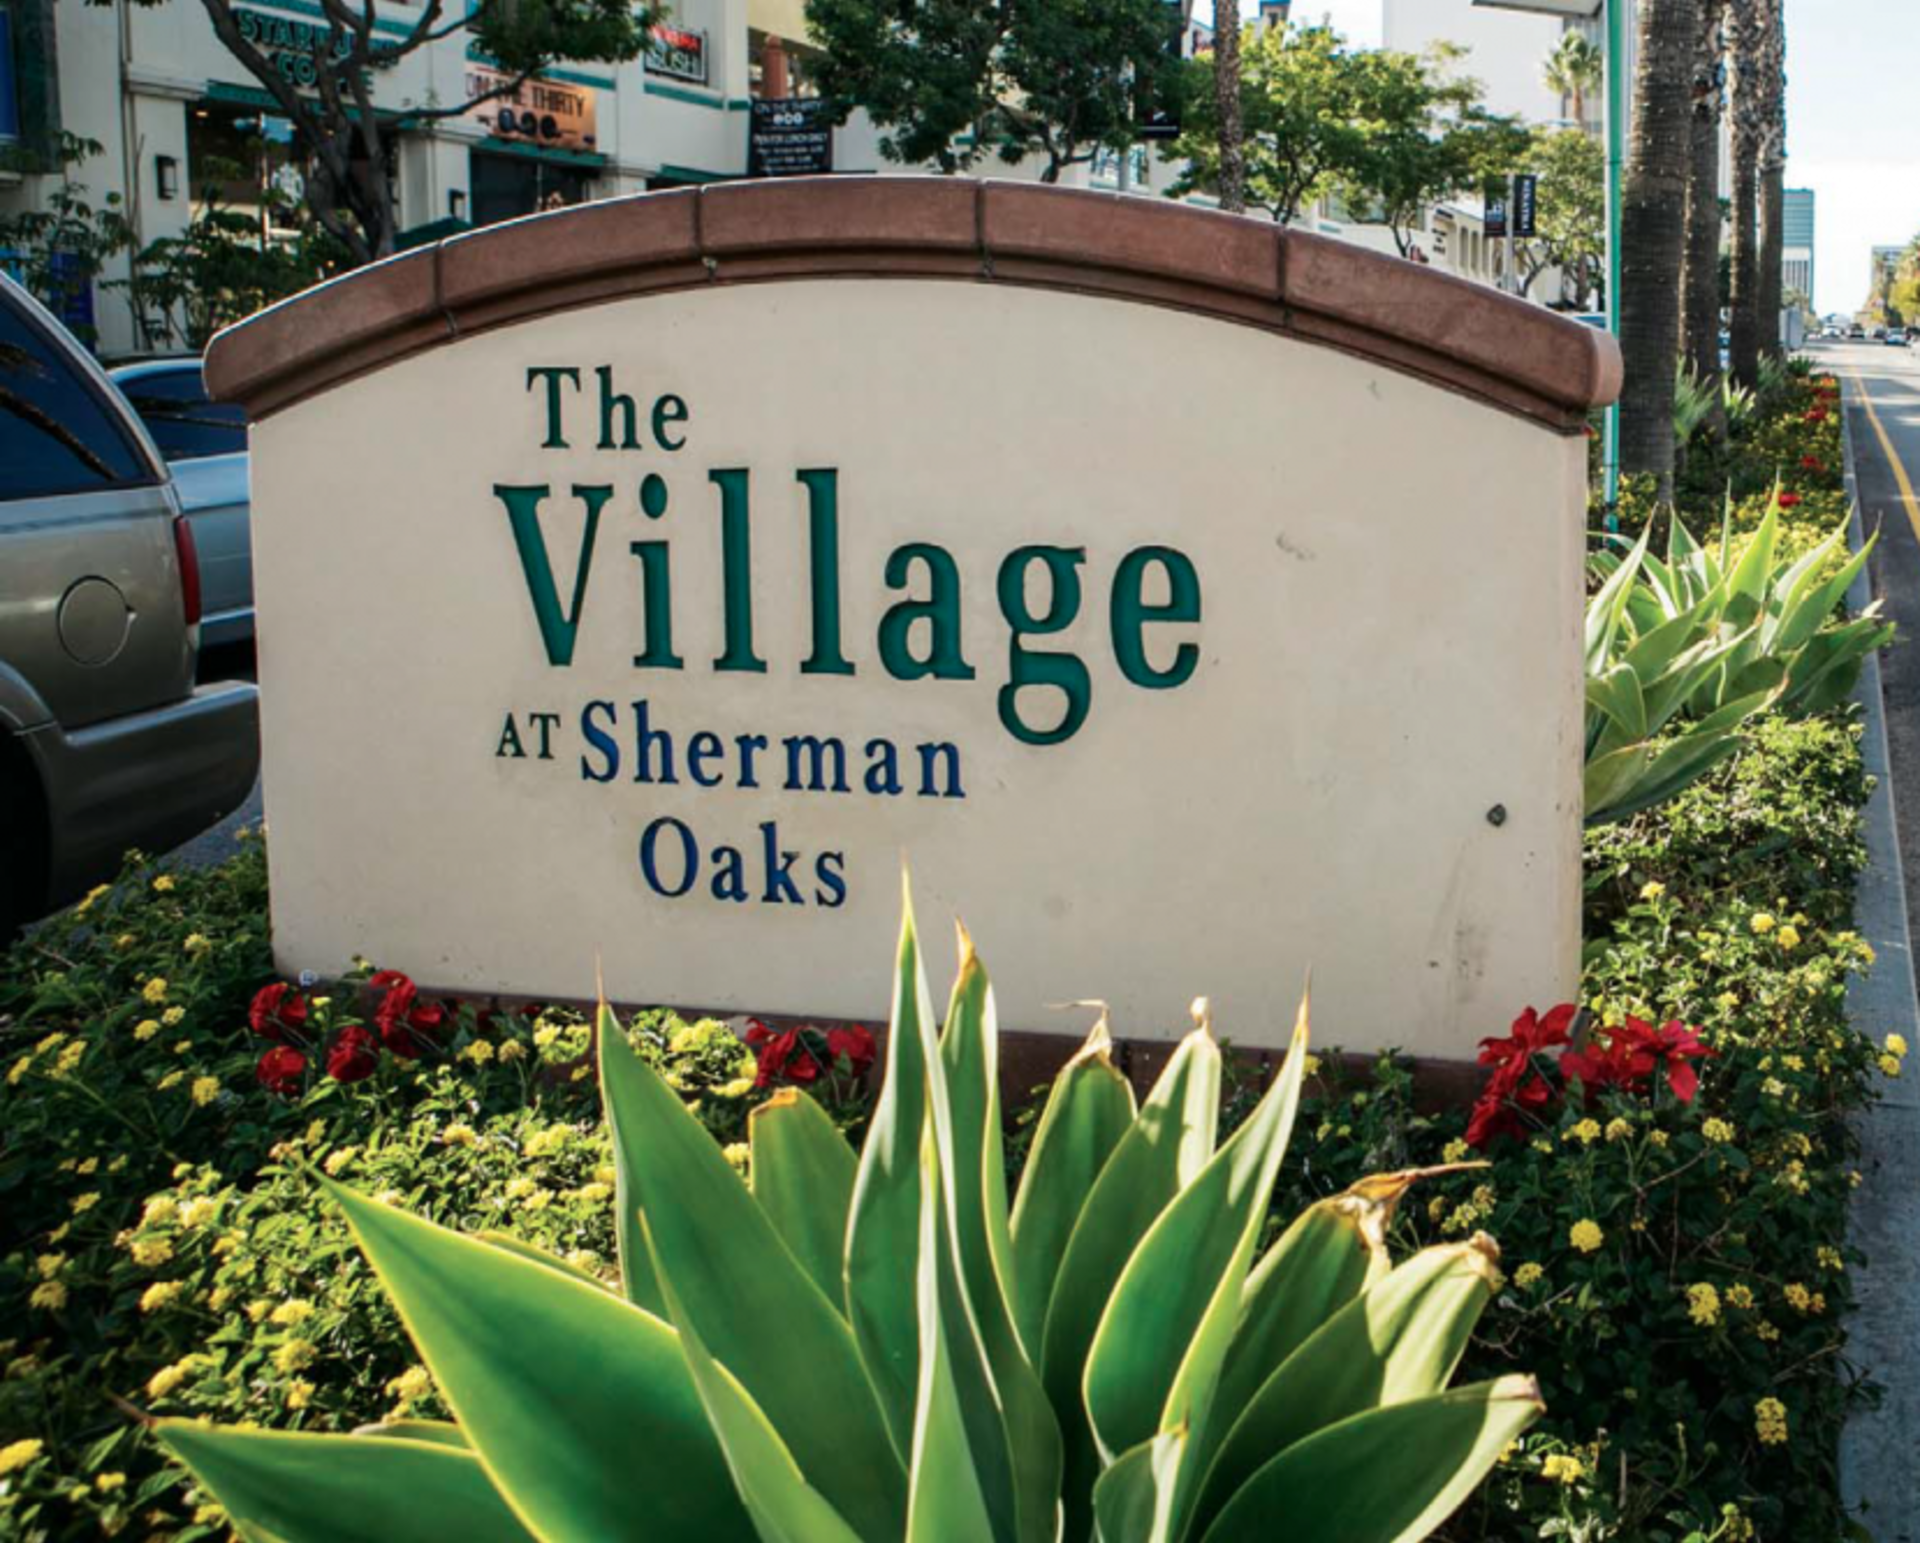 Sherman Oaks